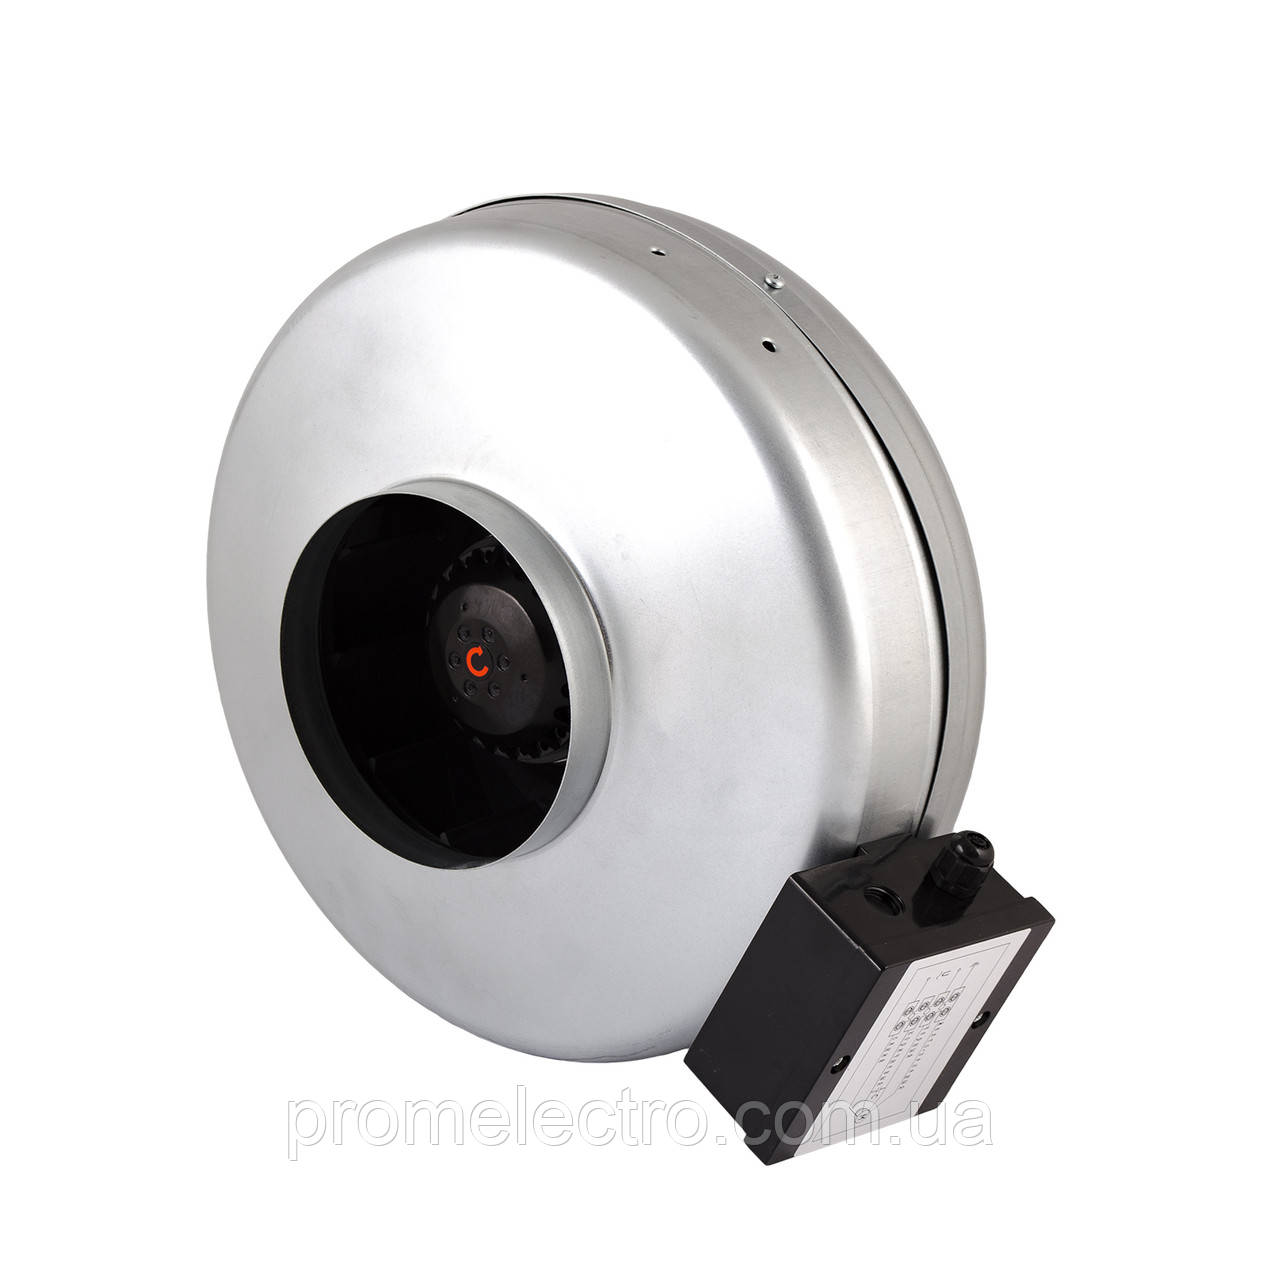 Вентилятор канальный для круглых каналов Турбовент ВК 125